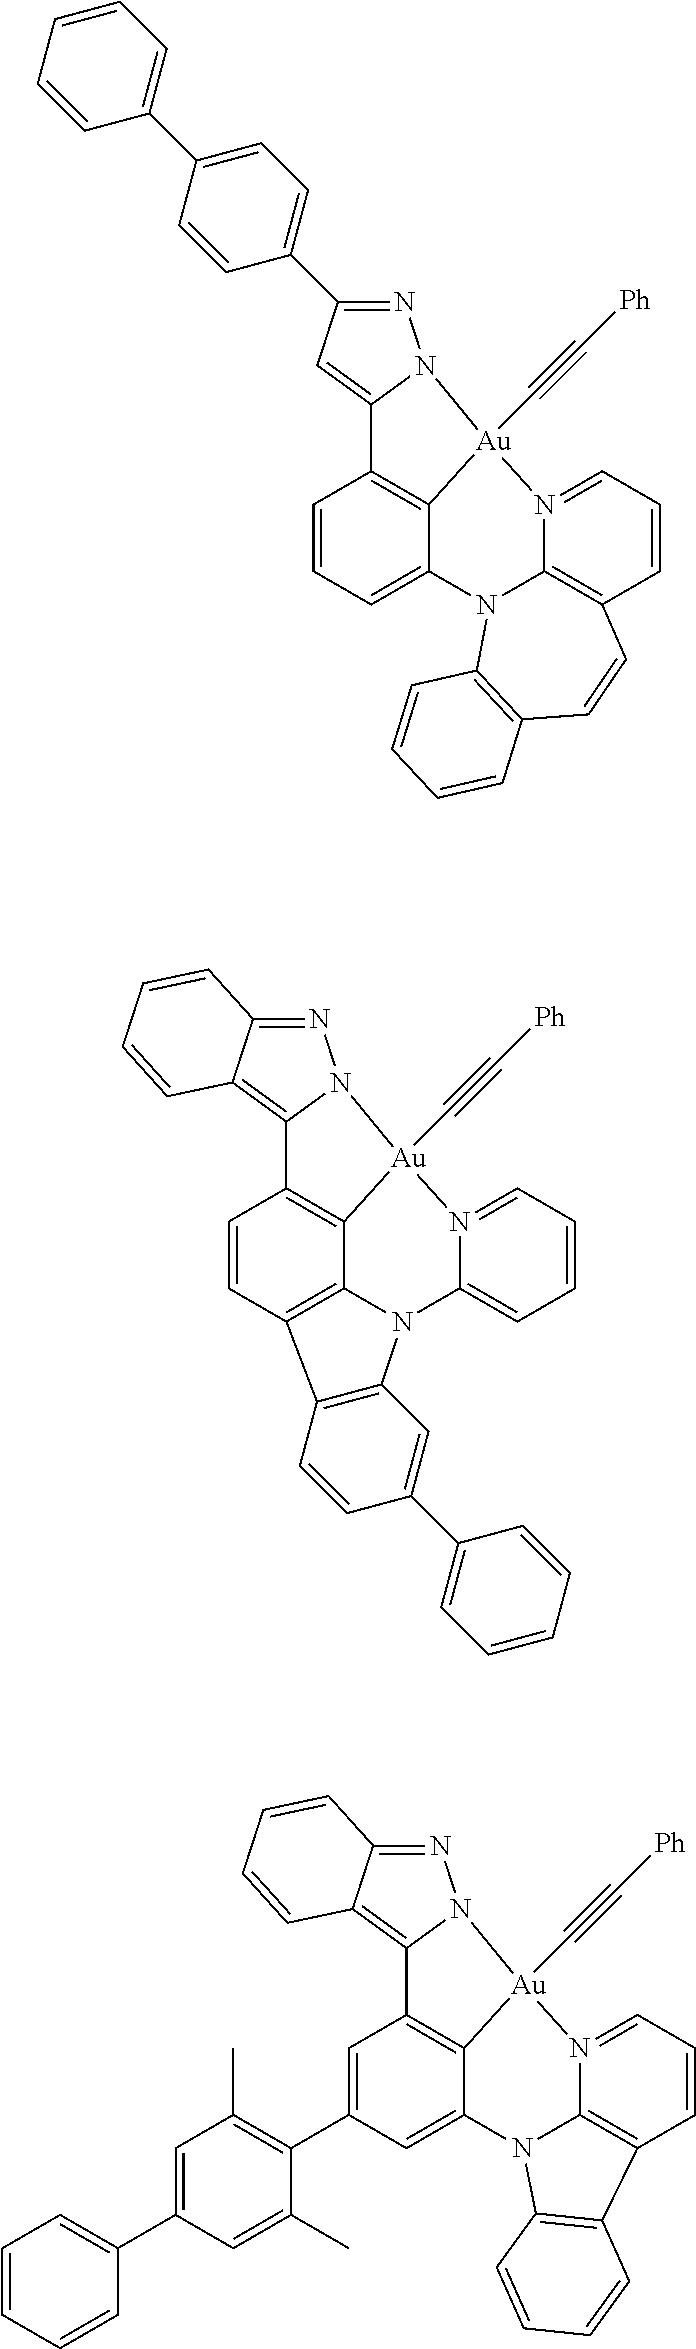 Figure US09818959-20171114-C00232